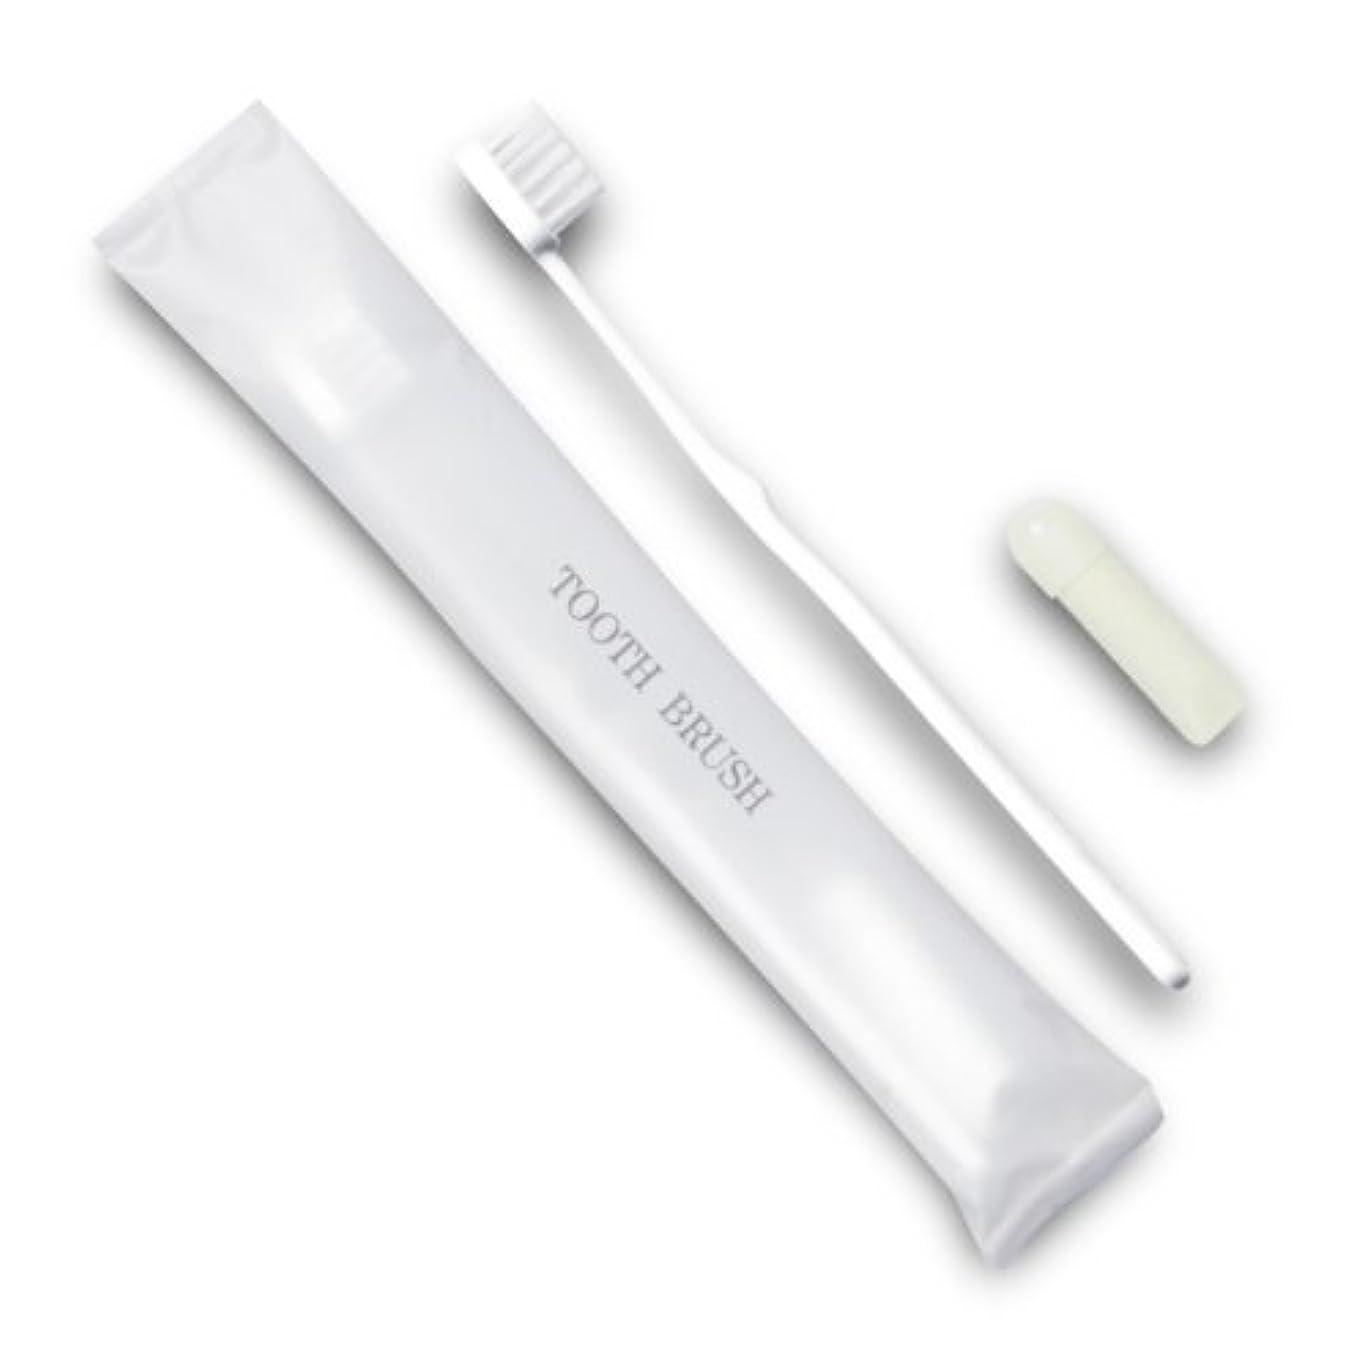 安西パラナ川面倒ホテル業務用歯ブラシ21穴(白)3gチューブ マット袋FタイプDX 700本